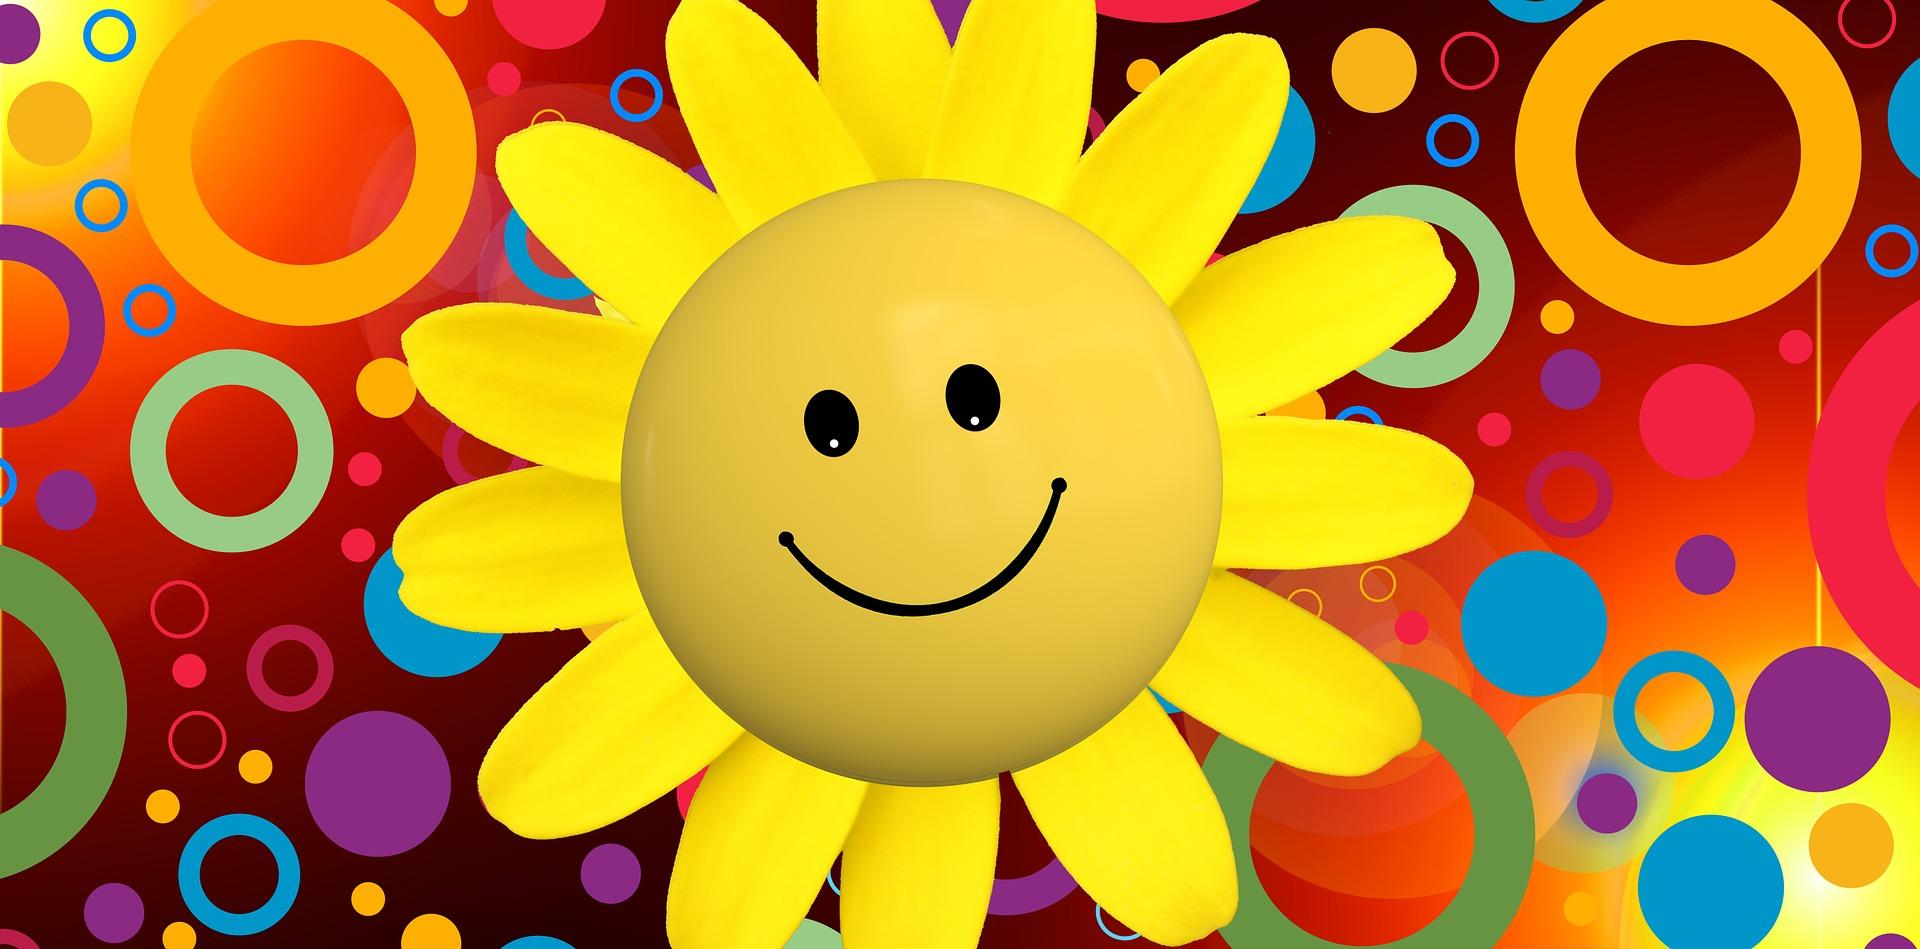 sun-2574933_1920.jpg